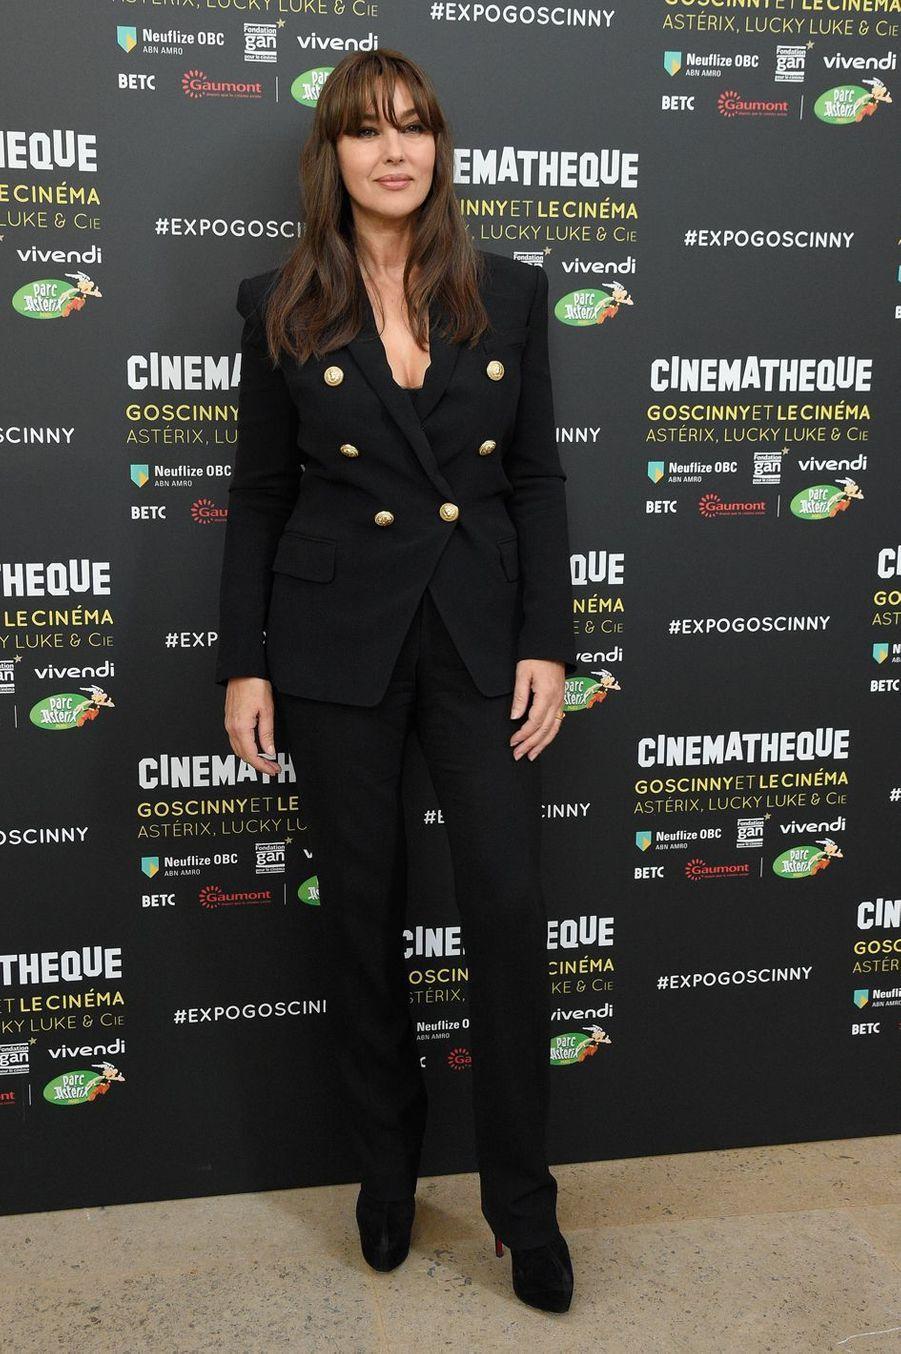 """Monica Bellucci inaugure l'exposition """" Goscinny et le cinéma - Astérix, Lucky Luke et Cie"""" à la Cinémathèque française à Paris, le 29 septembre 2017"""